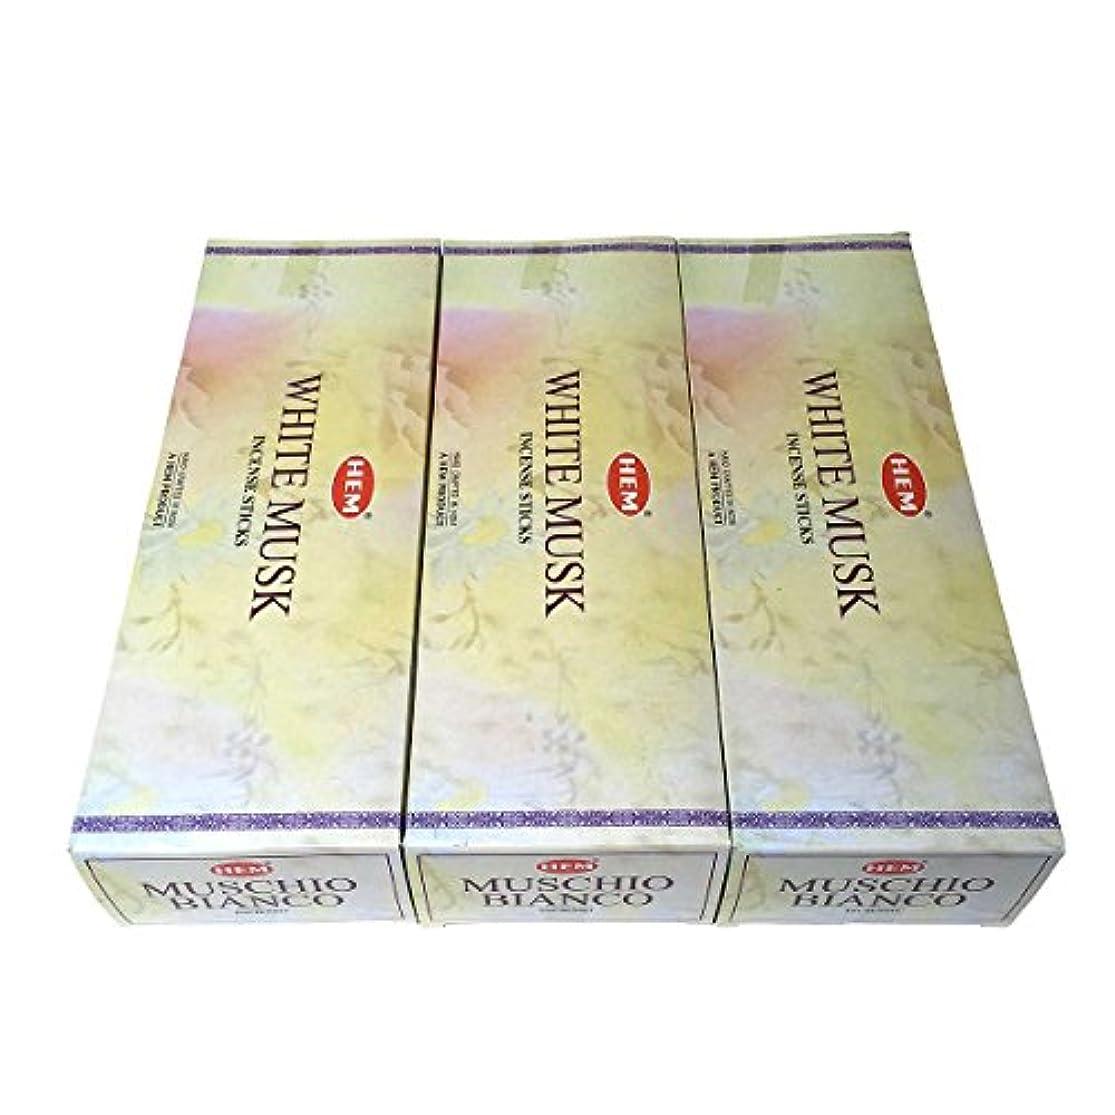 フィクション電話をかける電話をかけるホワイトムスク香スティック 3BOX(18箱) /HEM WHITE MUSK/インセンス/インド香 お香 [並行輸入品]